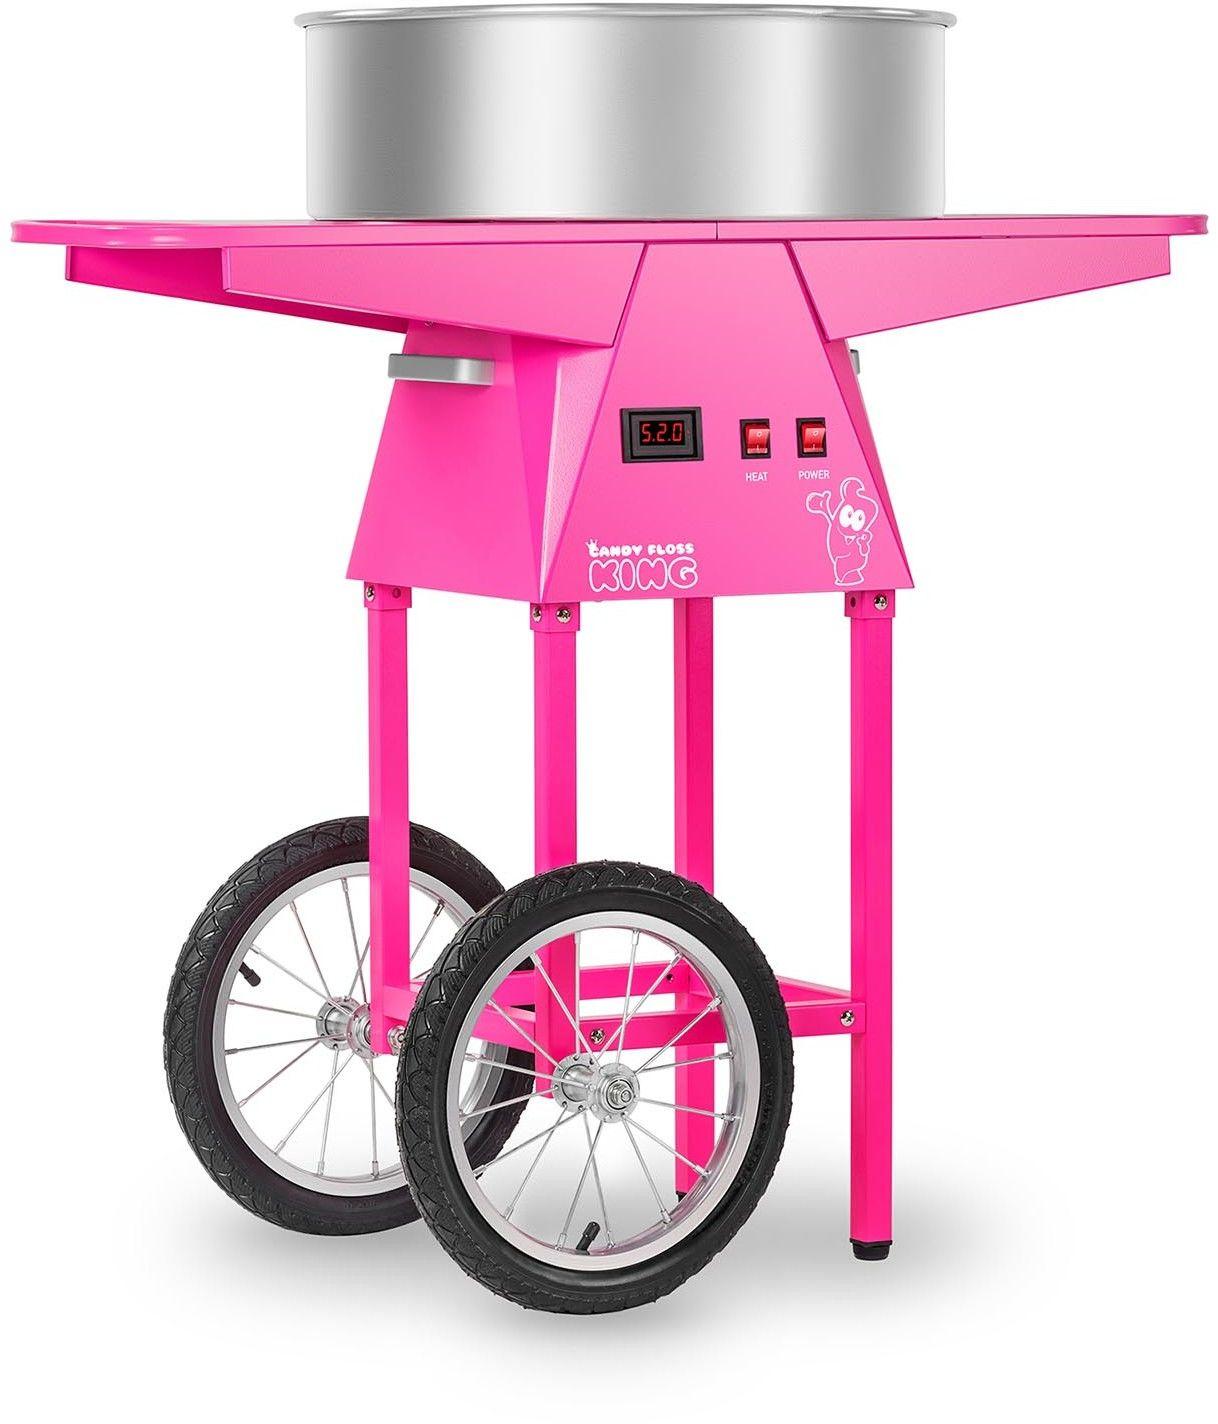 Zestaw Maszyna do waty cukrowej - Wózek - 52 cm + Świecące pałeczki LED - 100 szt. - Royal Catering - RCZC-1030-W SET1 - 3 lata gwarancji/wysyłka w